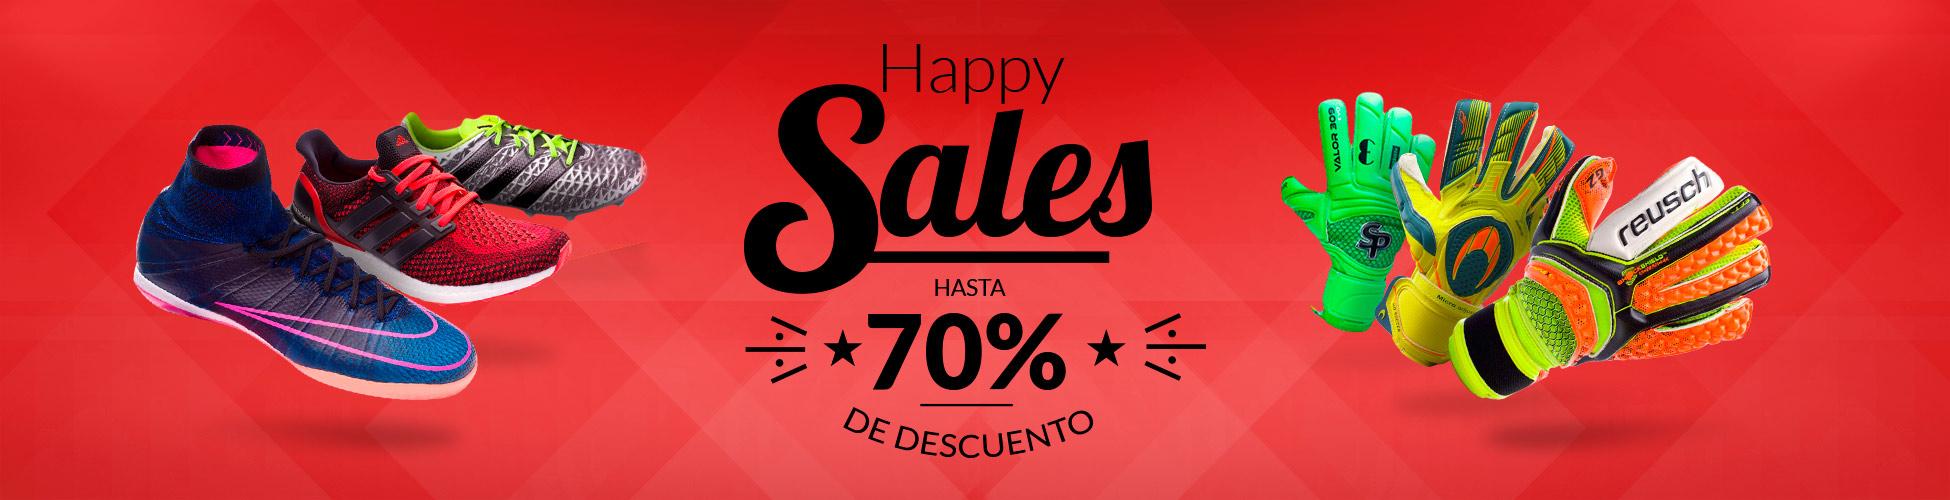 HAPPY SALES ES